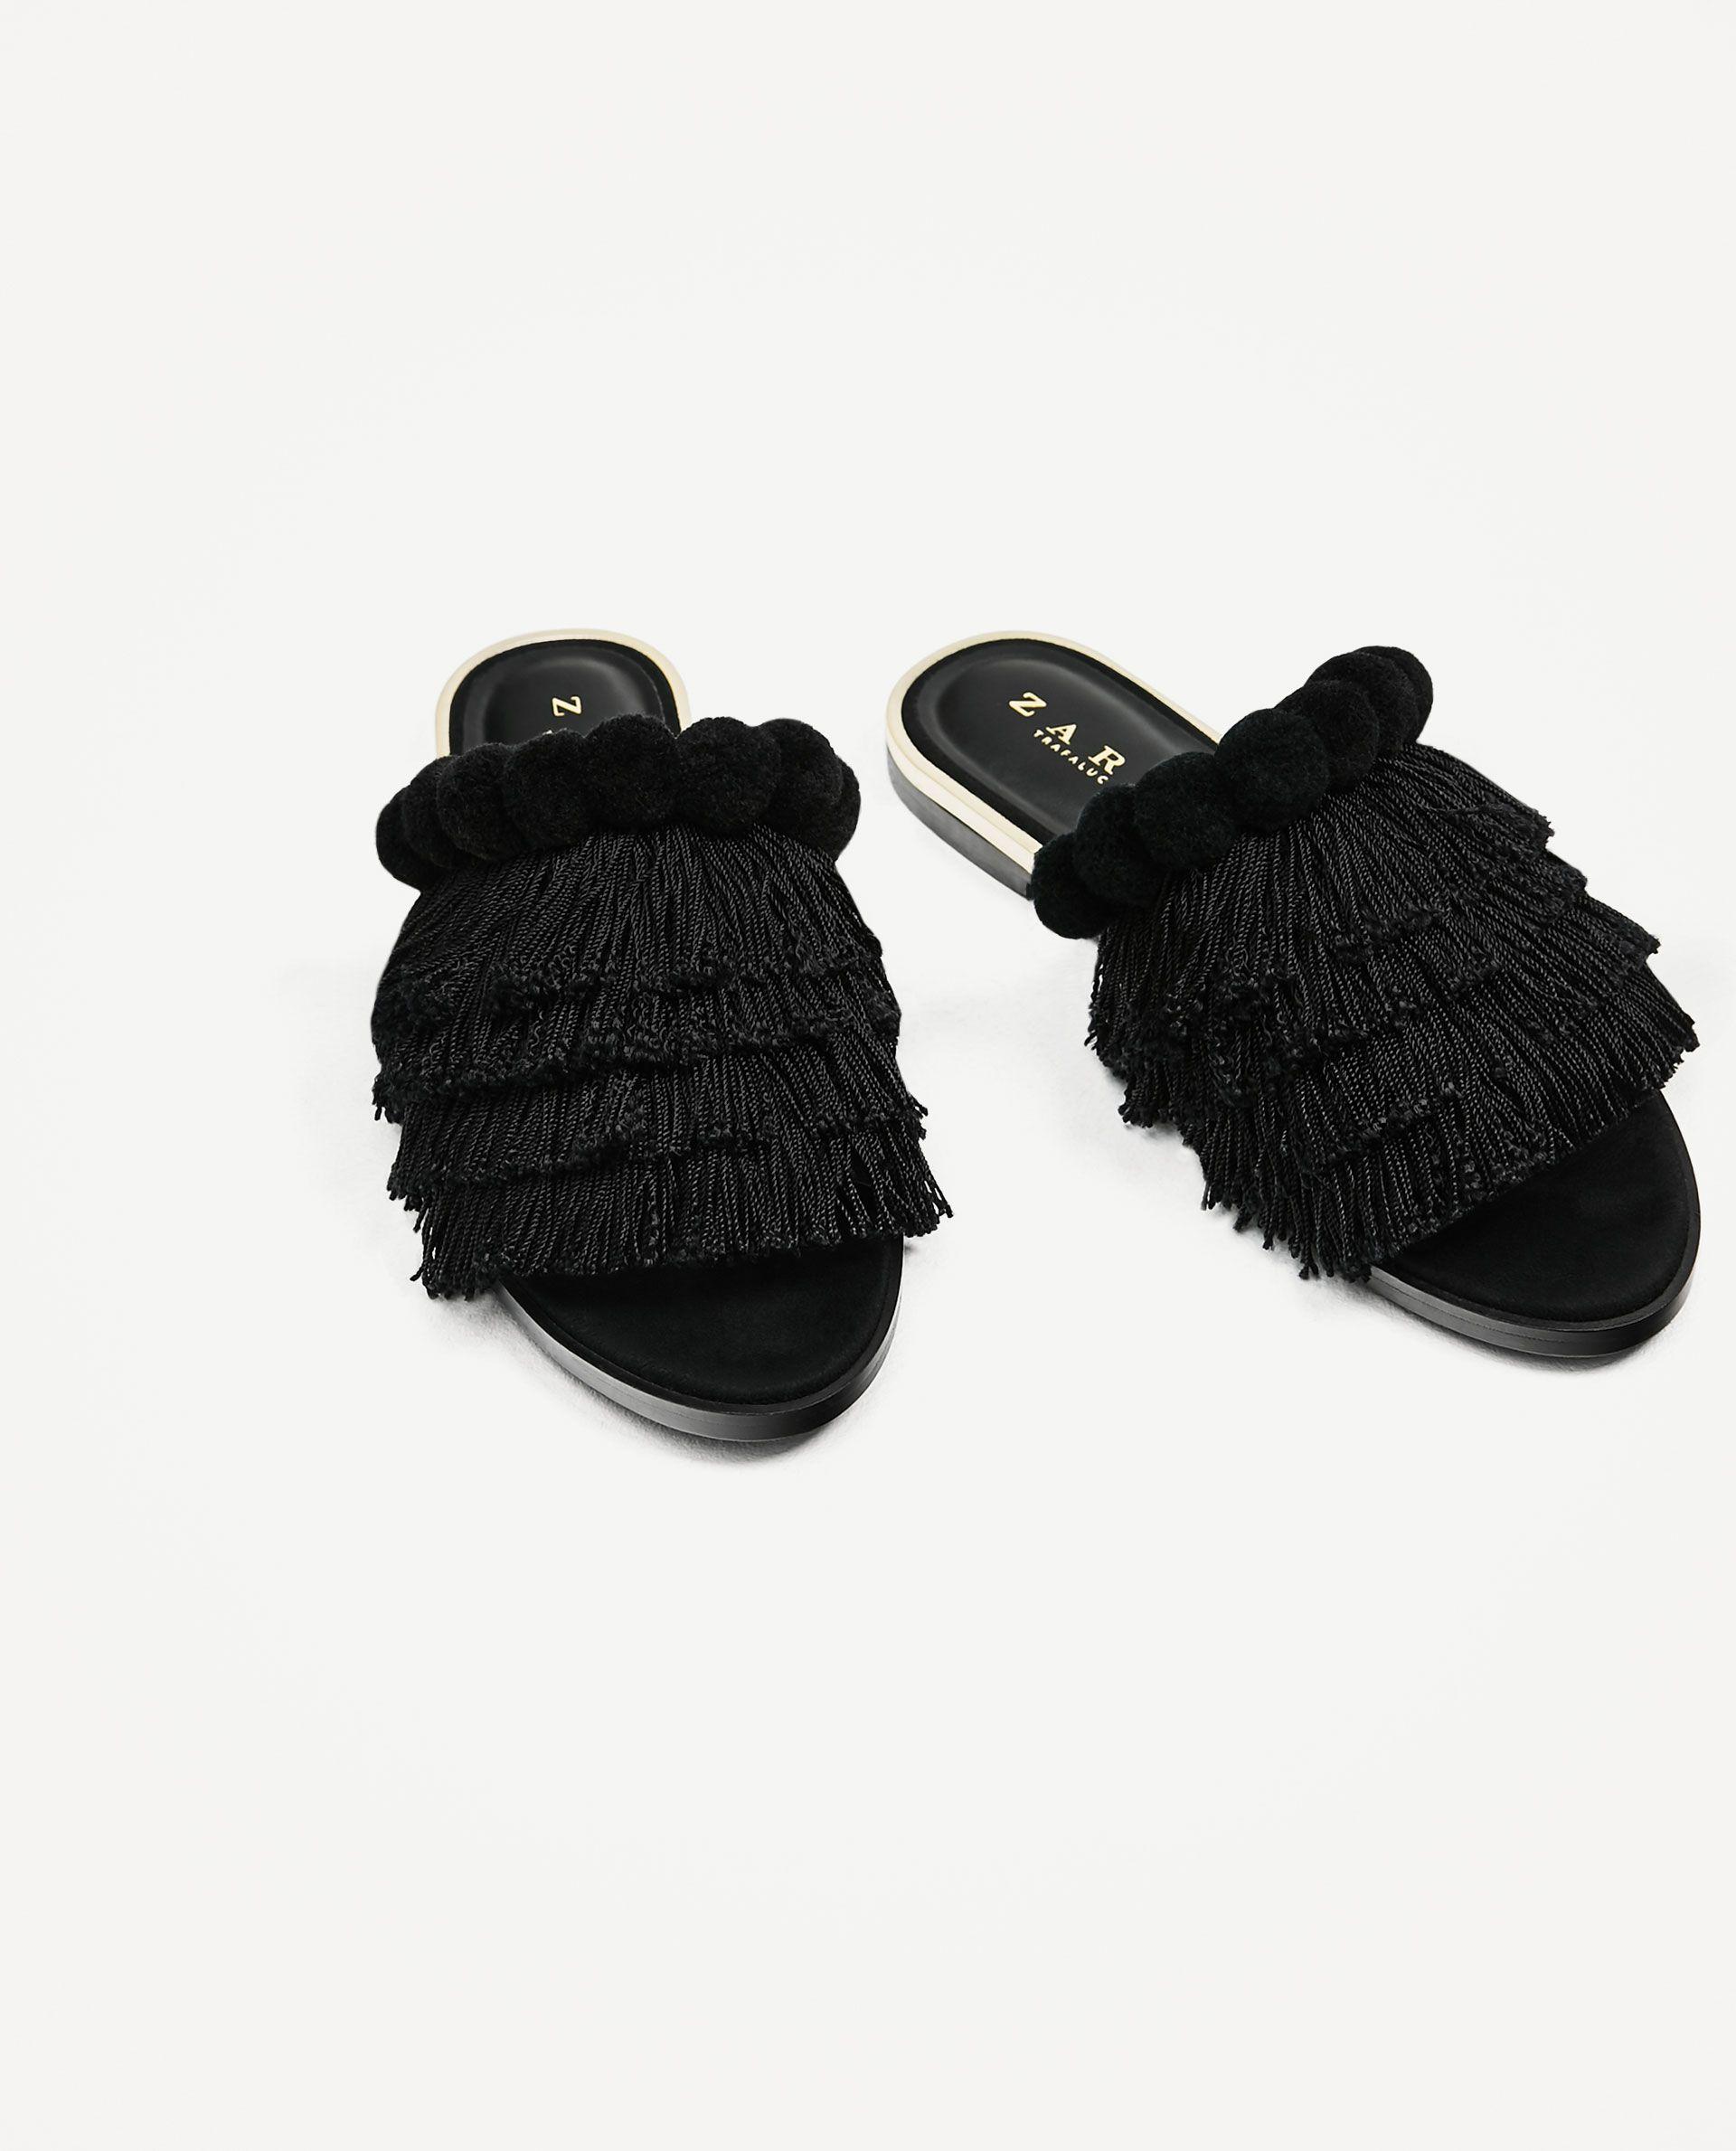 Zara sandals, Vegan shoes, Zara